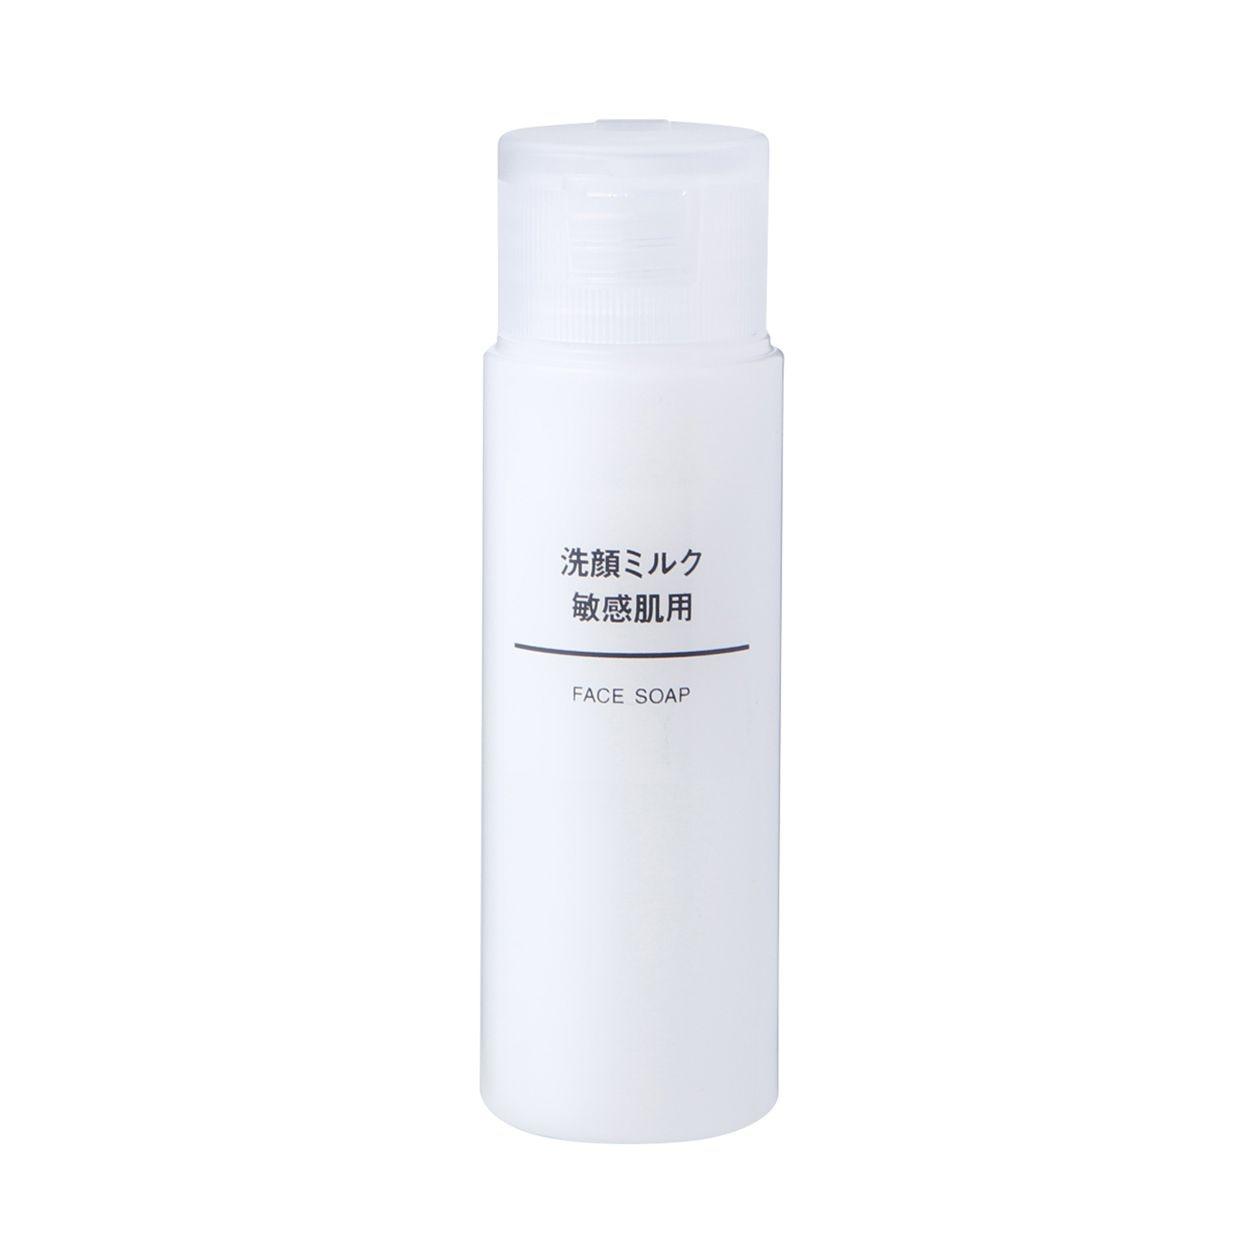 洗顔ミルク・敏感肌用(携帯用)